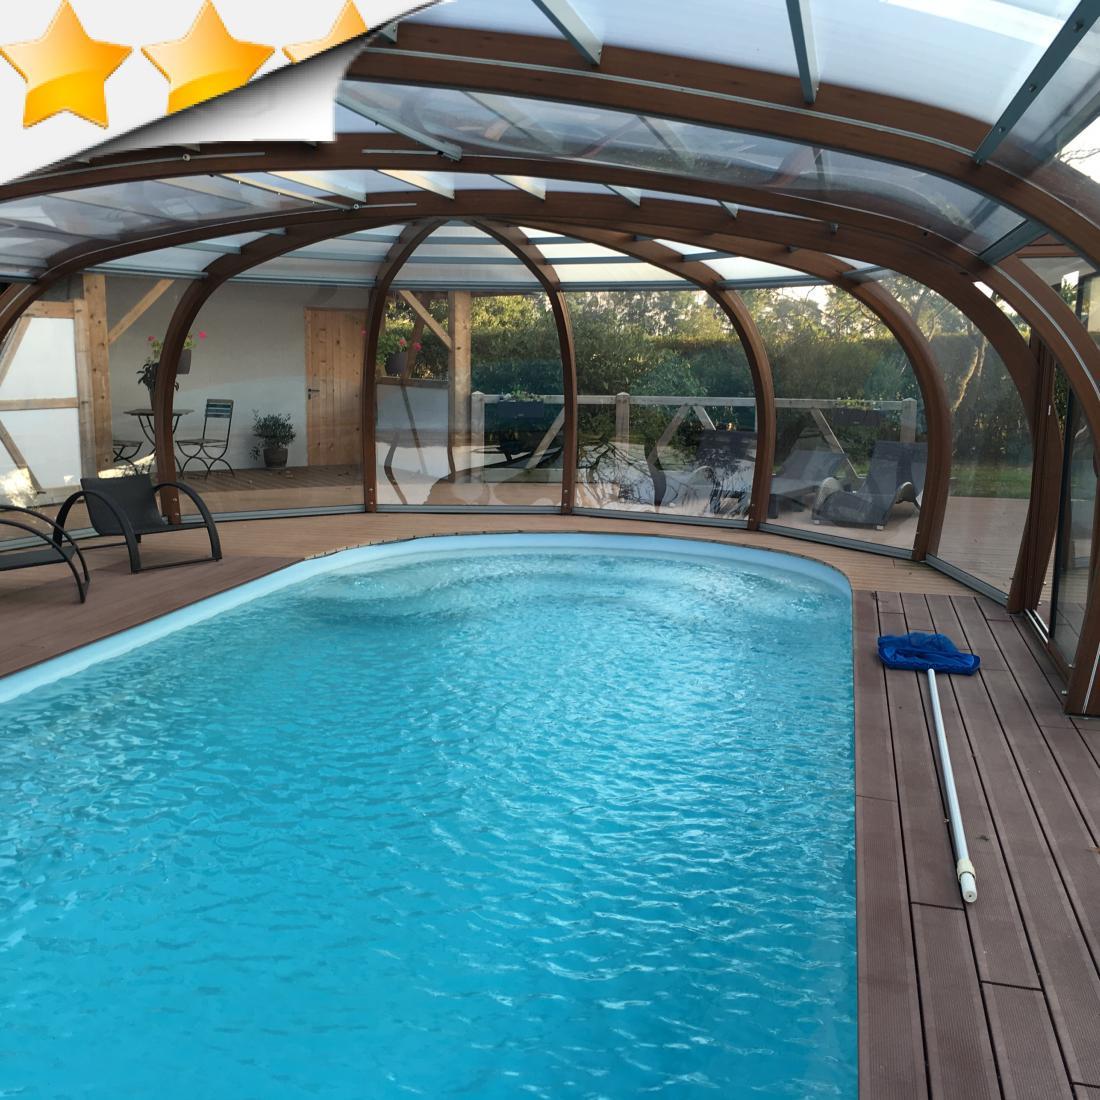 abri piscine bois lamelle colle - Abri Piscine Bois Lamelle Colle